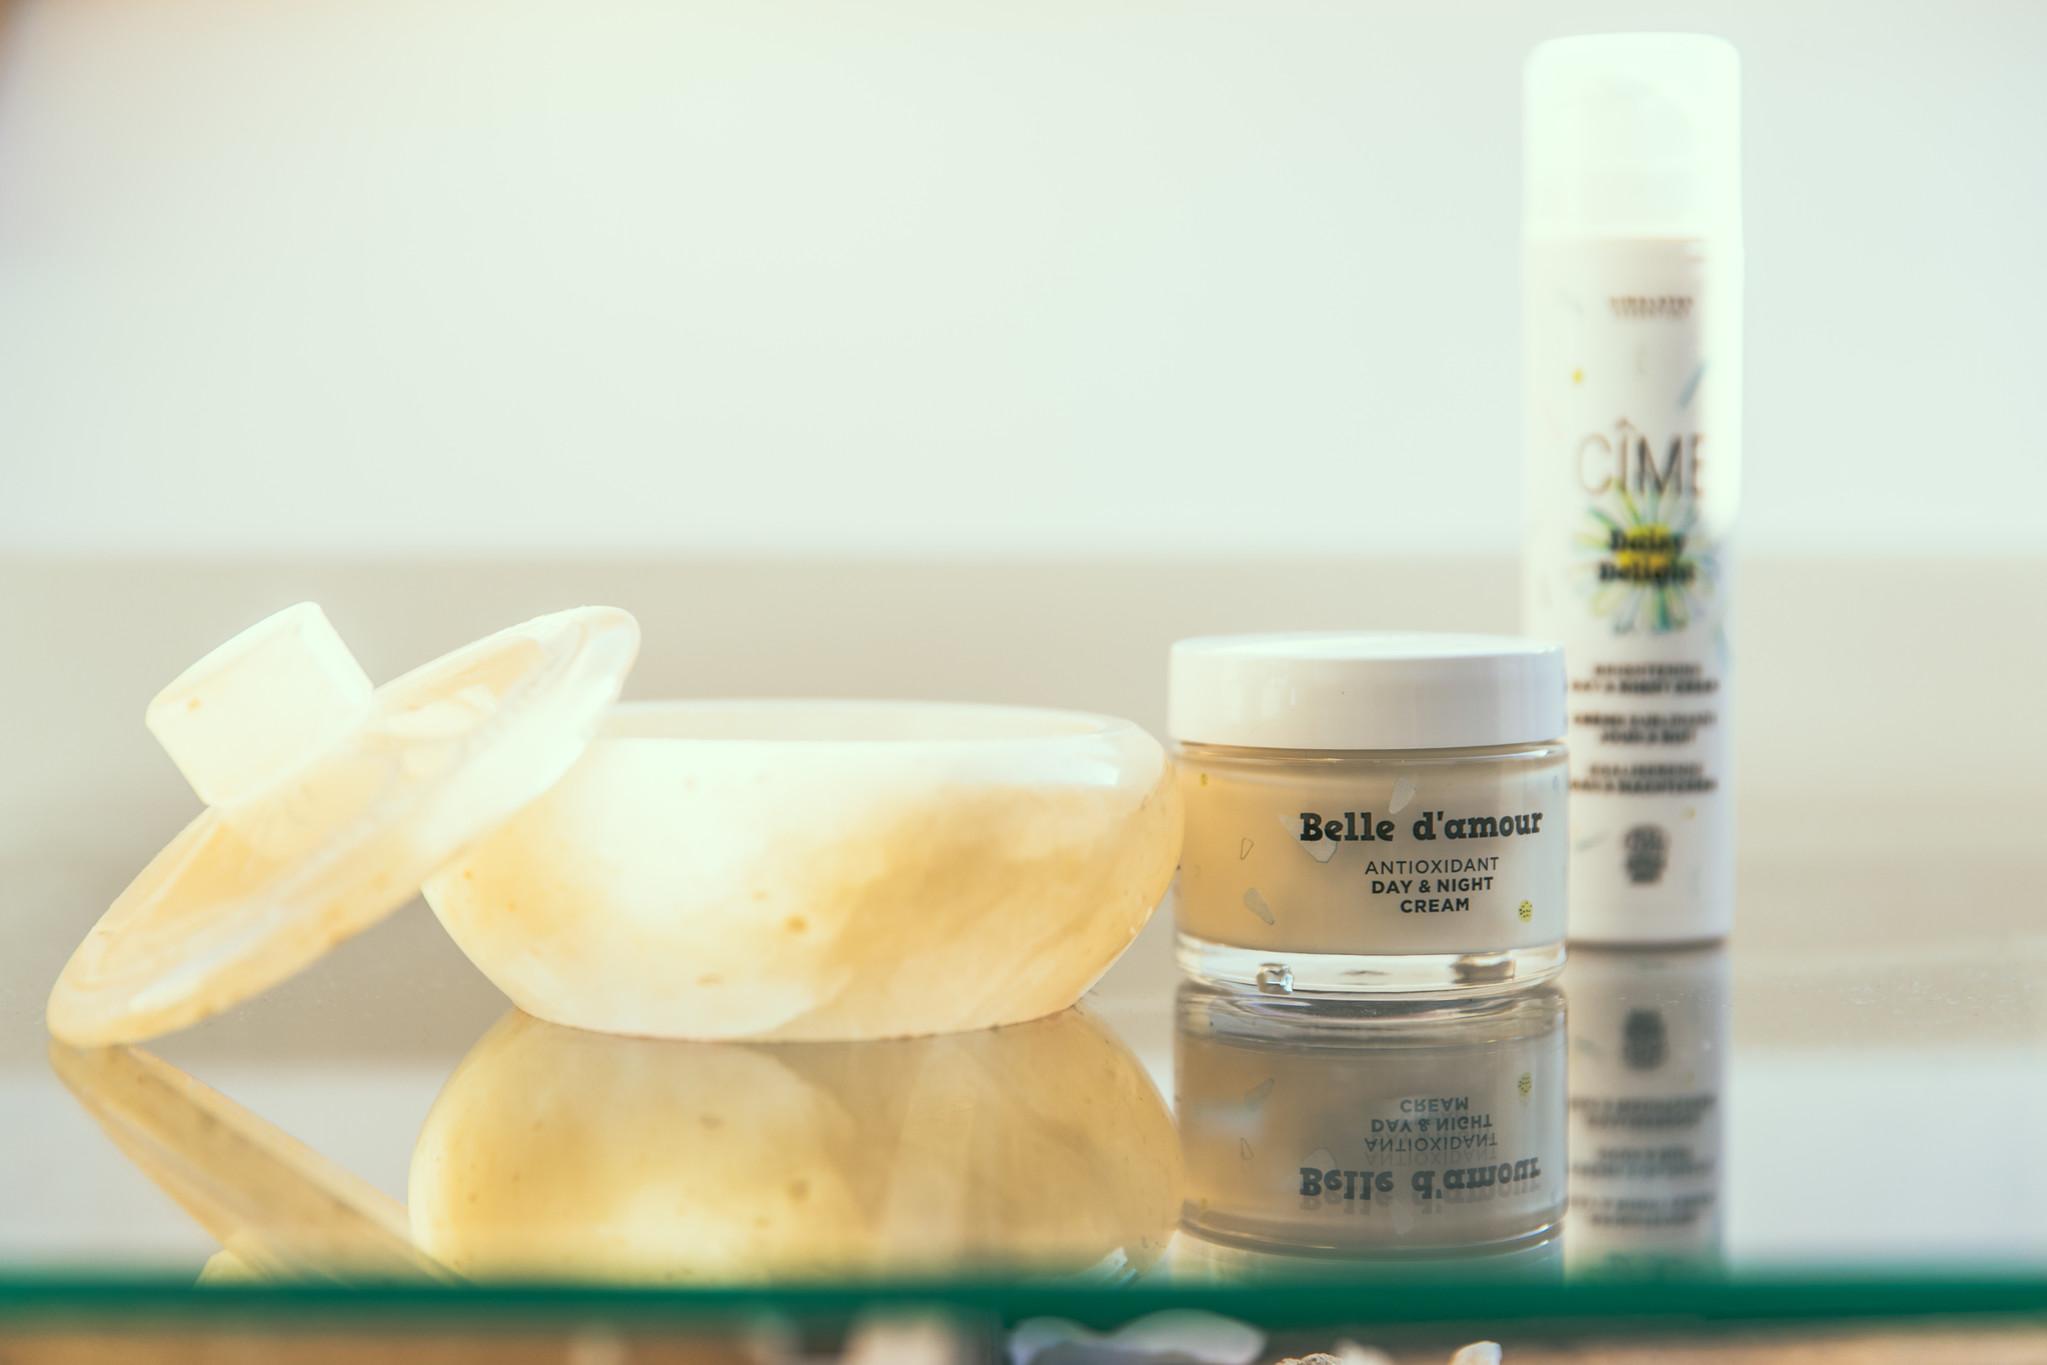 Antioxidant dag & nachtcrème - Belle d'amour - Cîme